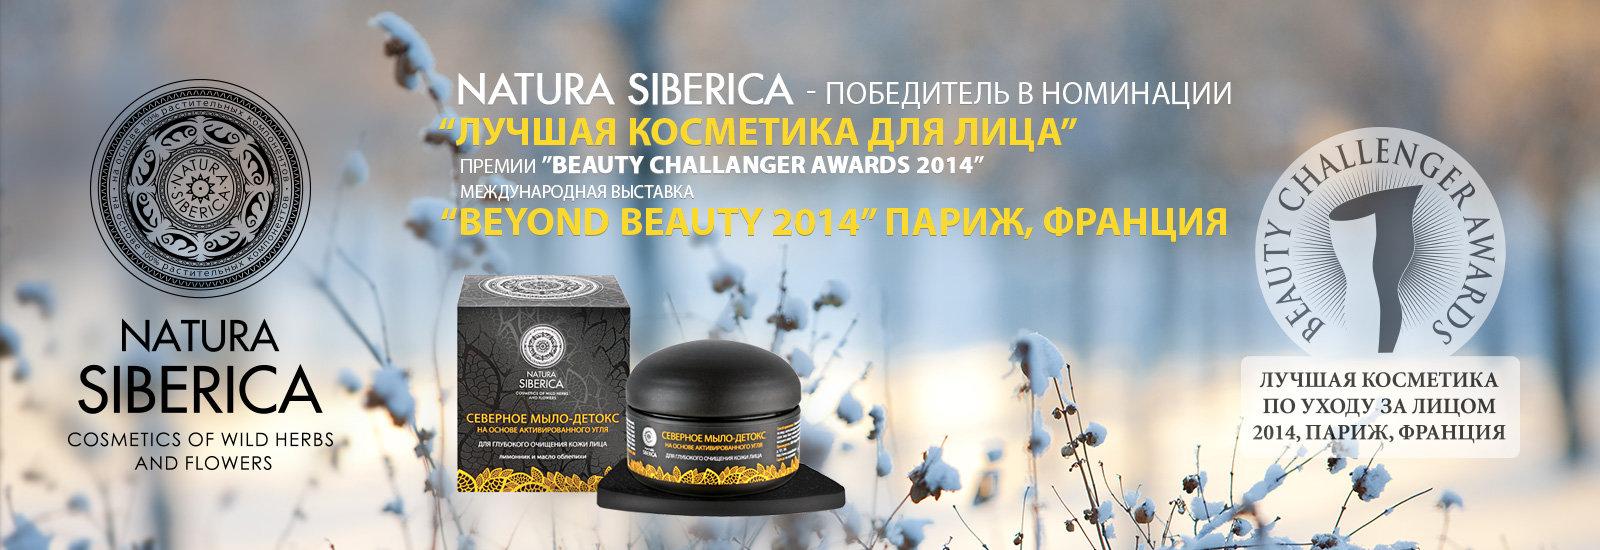 Сбор заказов. Planeta organica, Natura Siberica-первая в России сертифицированная натуральная косметика -40